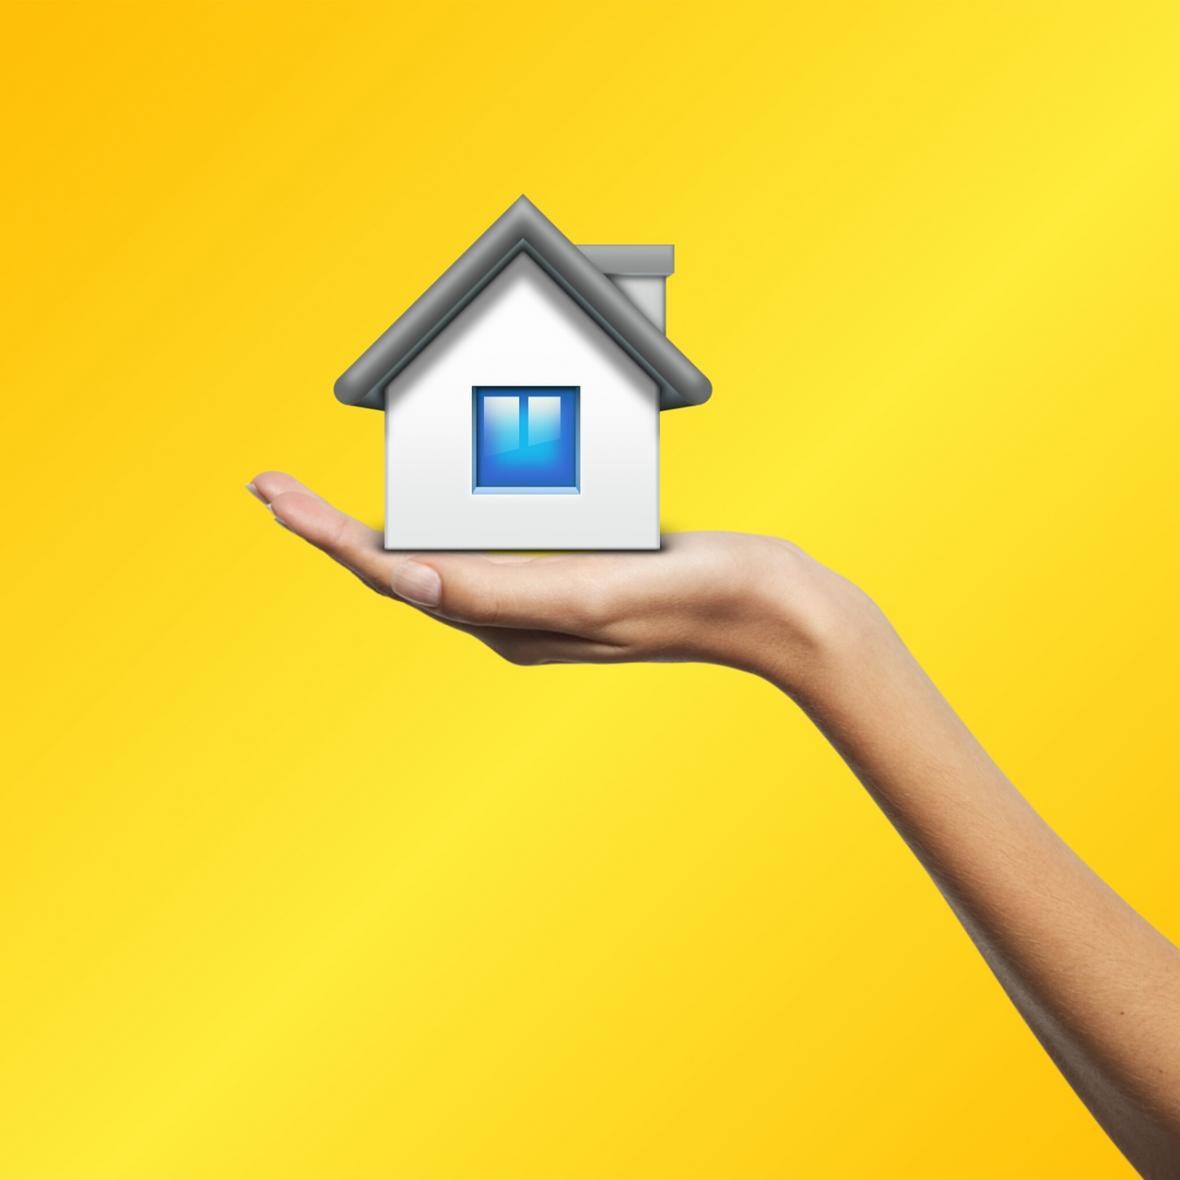 مراحل مختلف بازسازی خانه